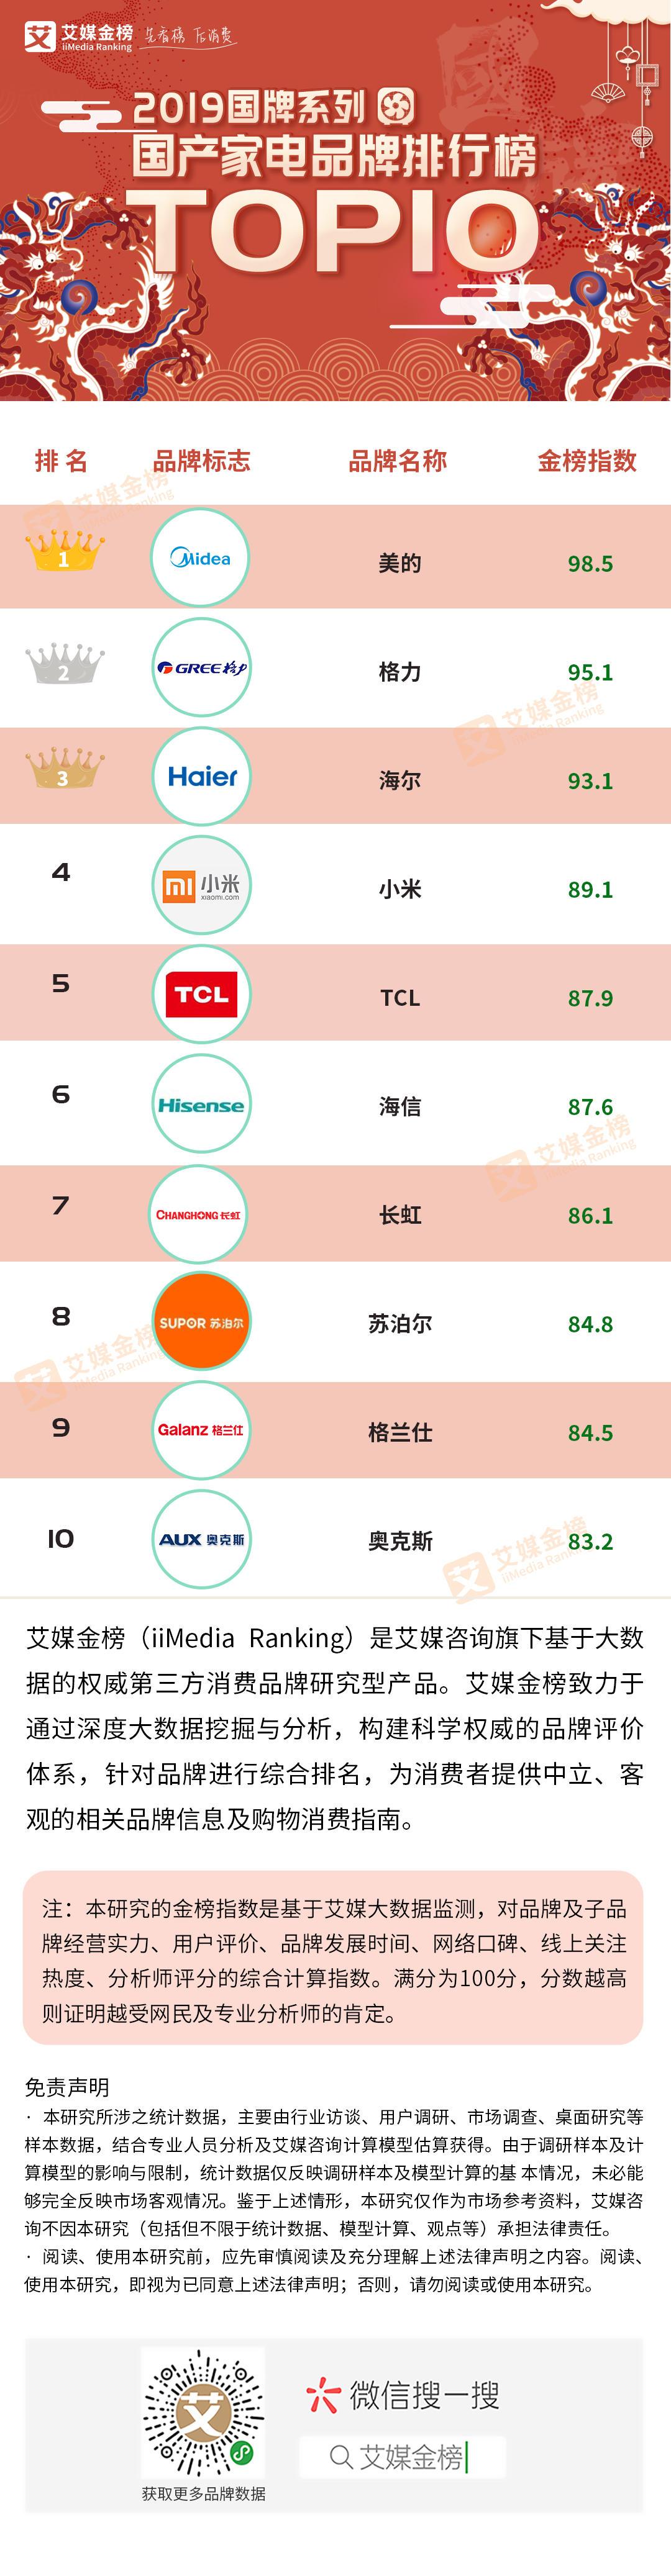 2019家电排行_2019IFI专利授权排行榜:京东方跃居全球第13位